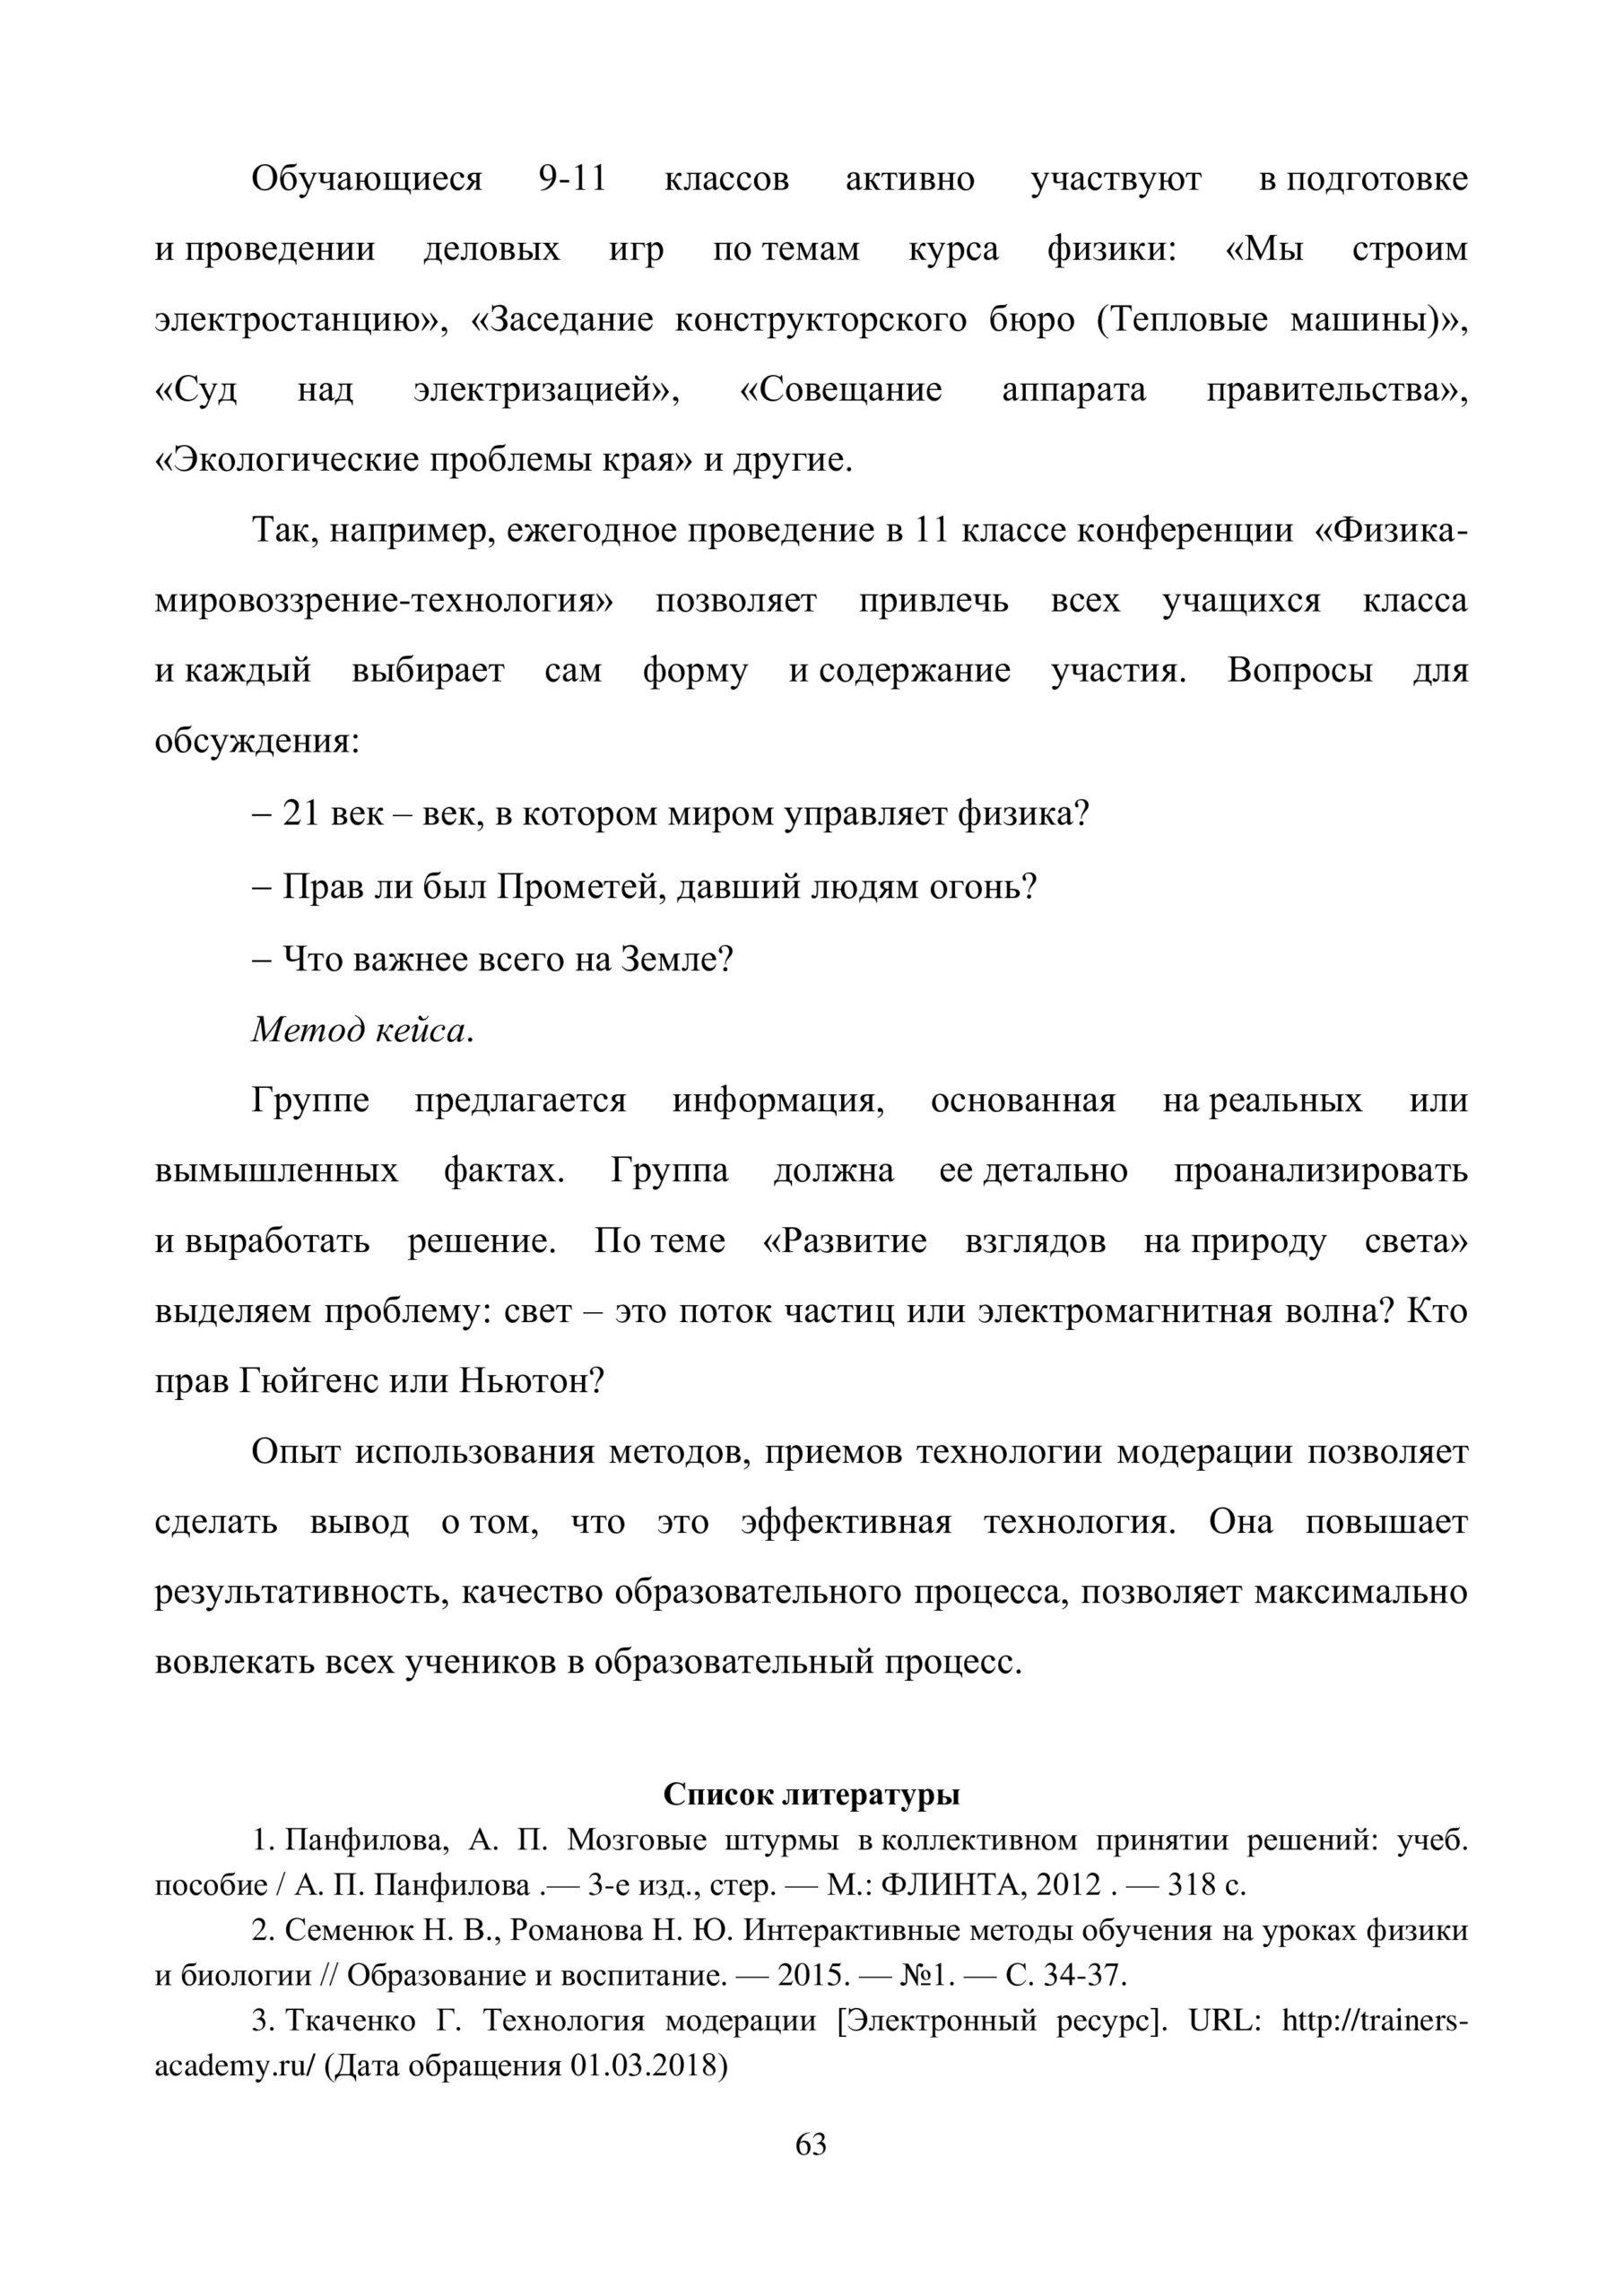 Сборник конференции СОТ физика_062